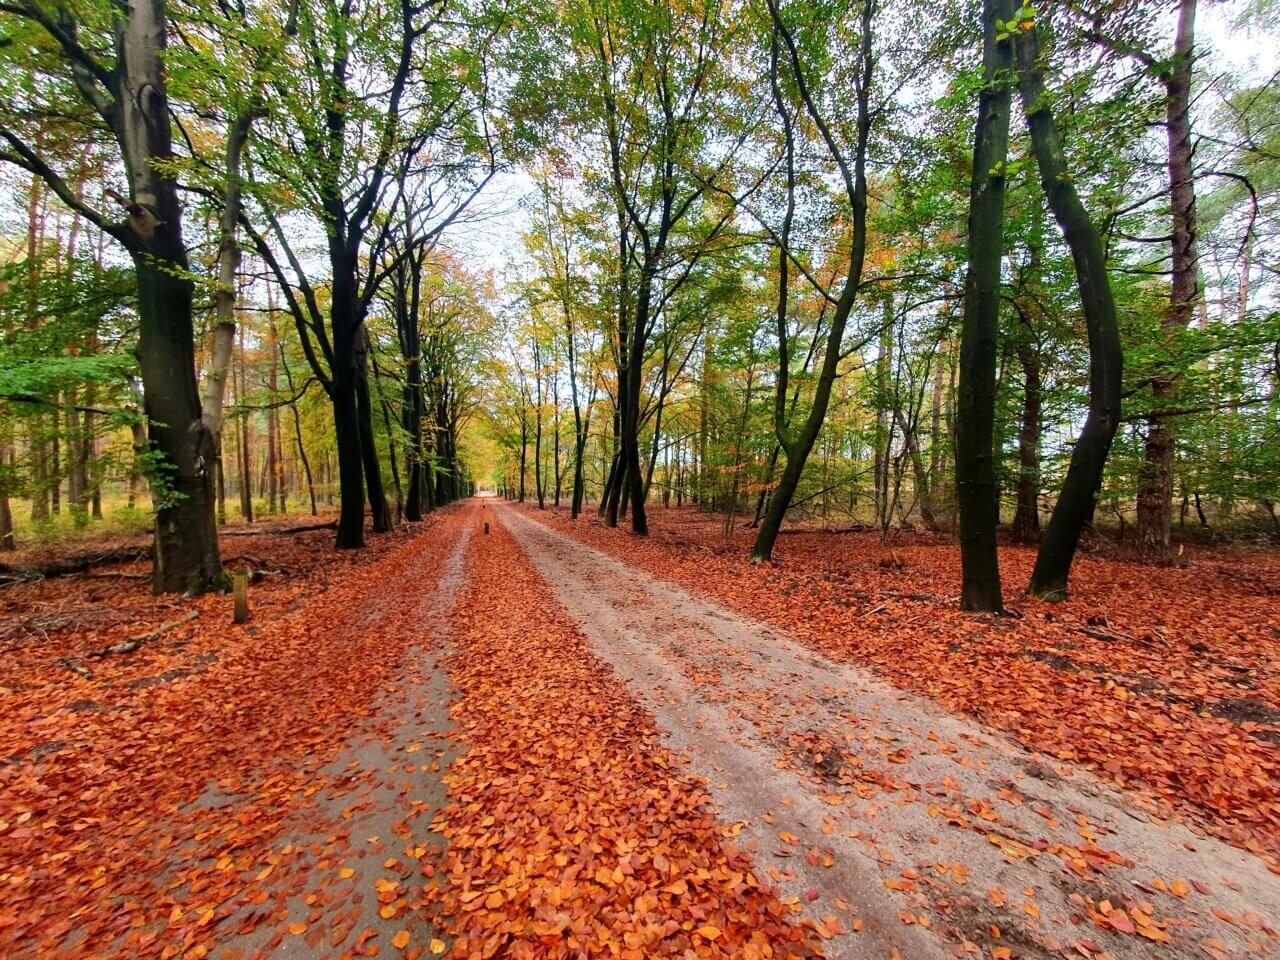 De Leuvenumse bossen in de herfst. Gelderland.